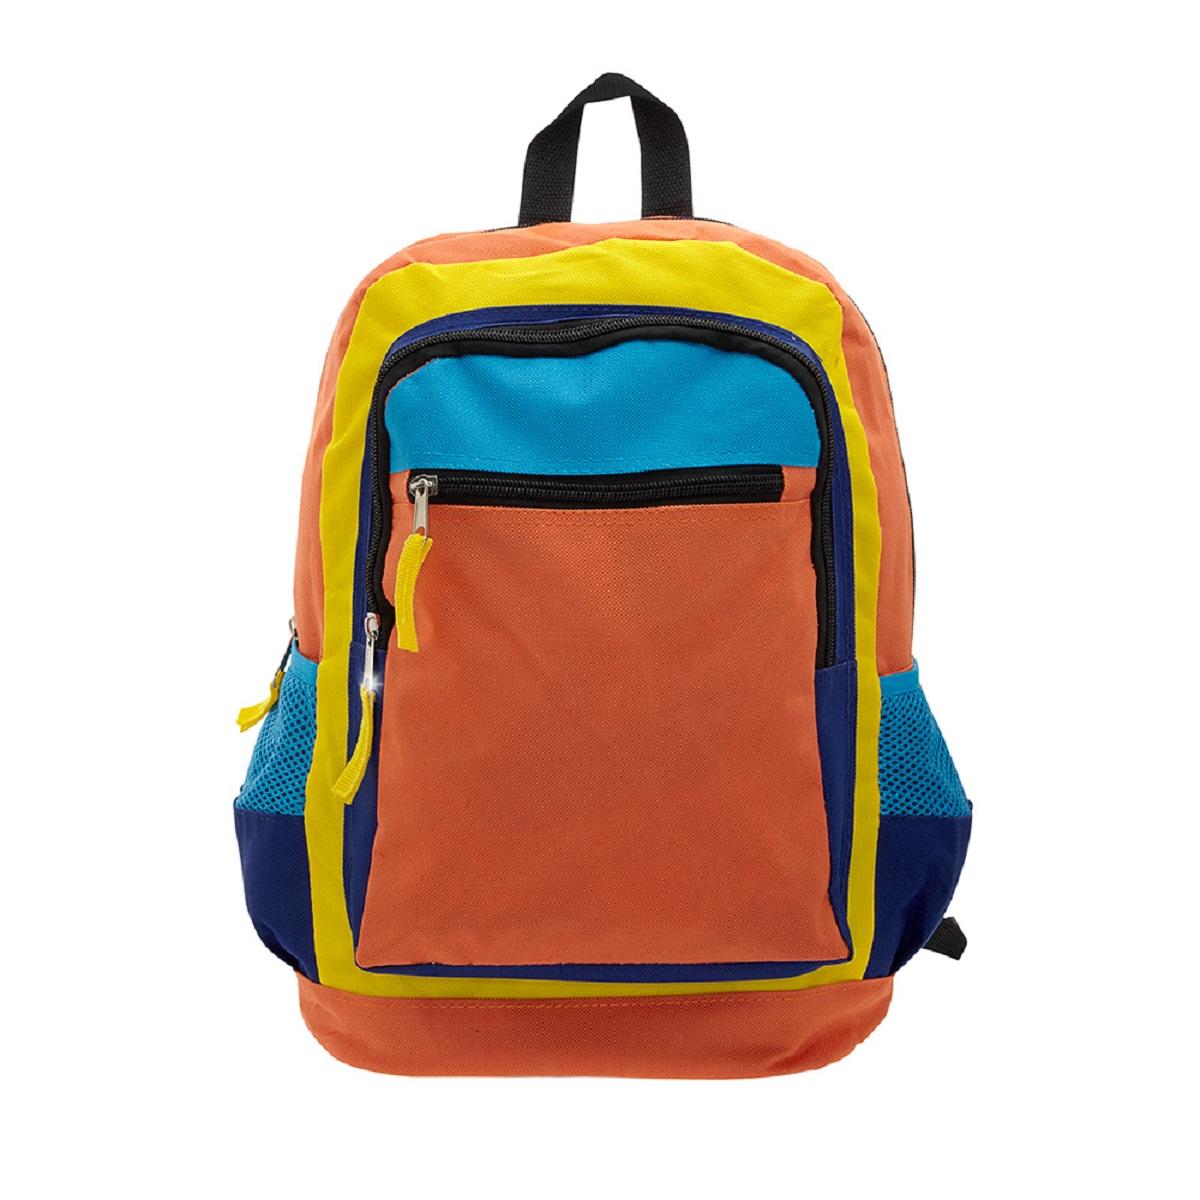 Рюкзак городской 3D Bags Оранжевое настроение, цвет: оранжевый, синий, 17 лMABLSEH10001Стильный, яркий, позитивный!!! Улучшит настроение в школьные будни и подчеркнет ваш неповторимый образ!